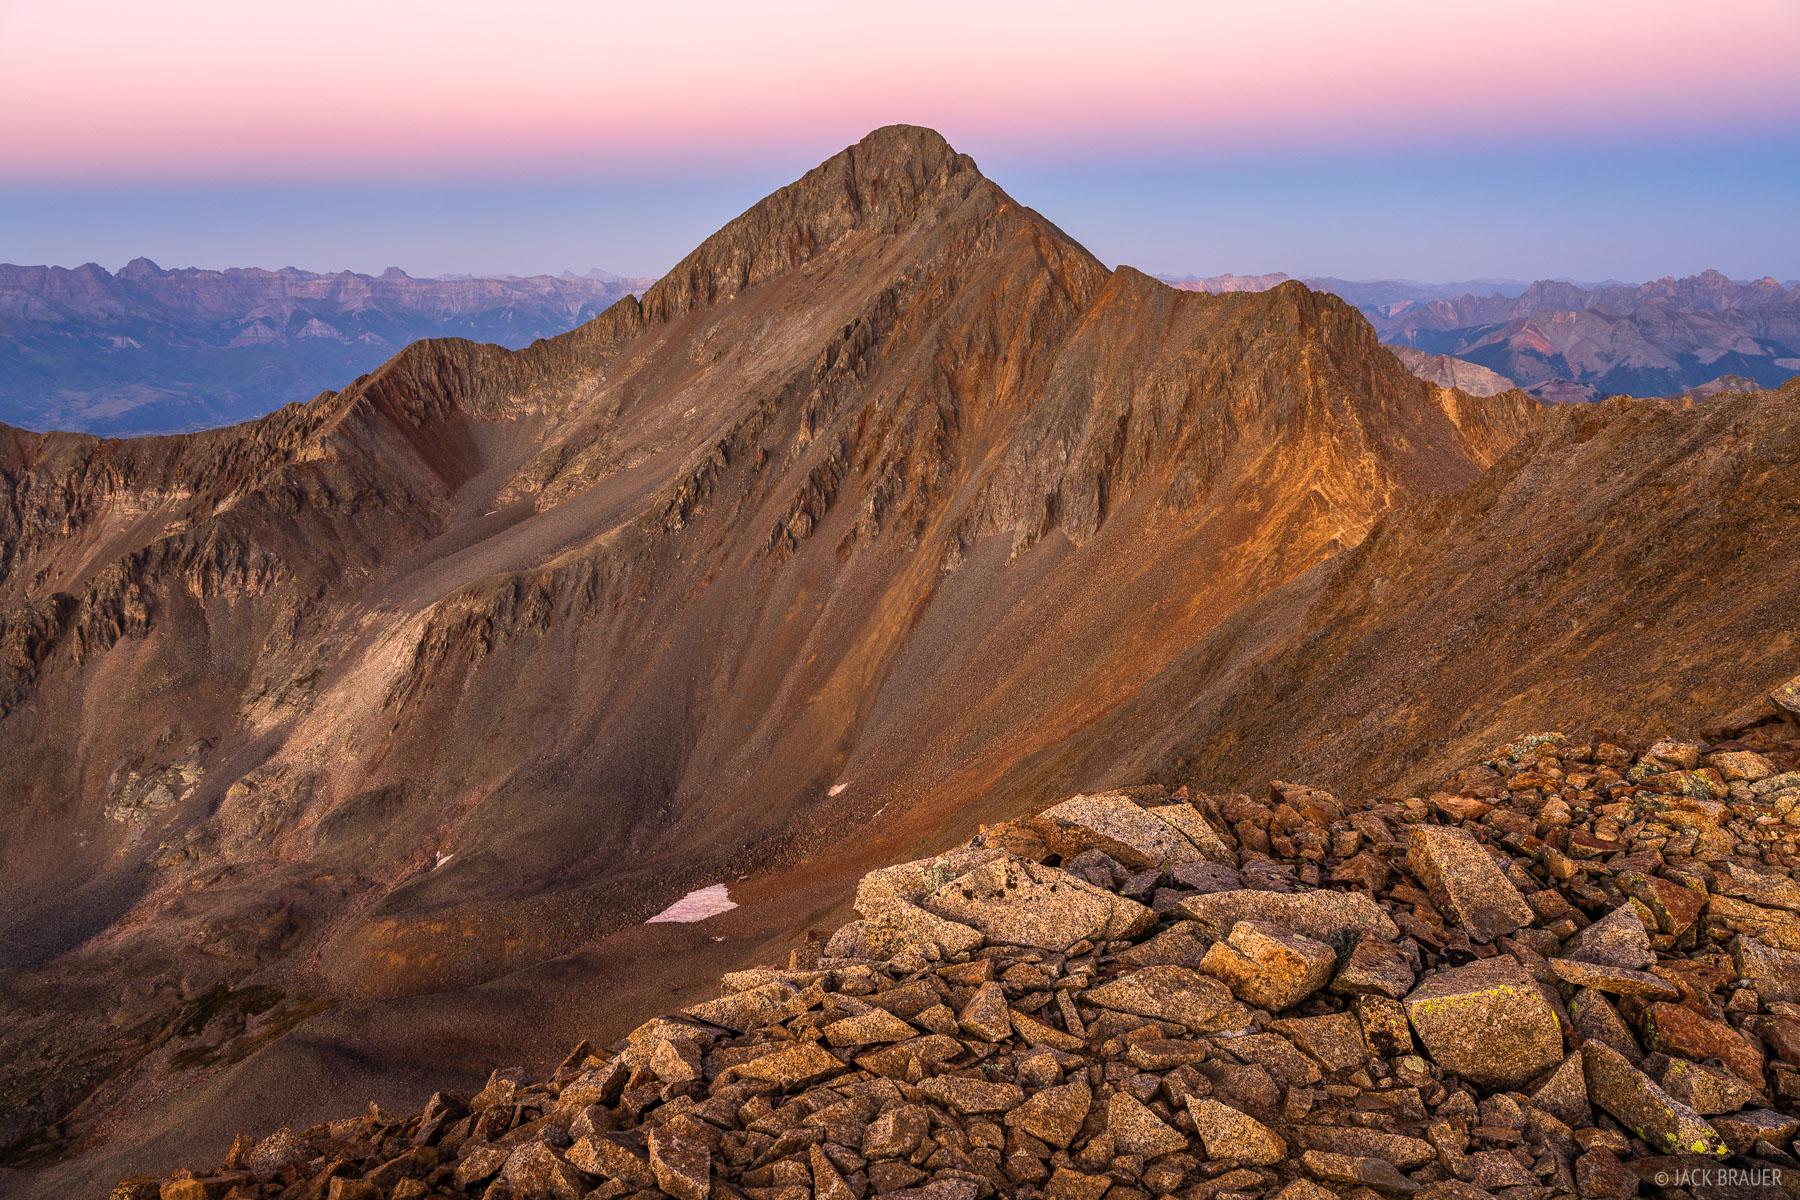 Dusk light illuminates the northwest face of Wilson Peak (14,016 ft.) and the Rock of Ages saddle below.